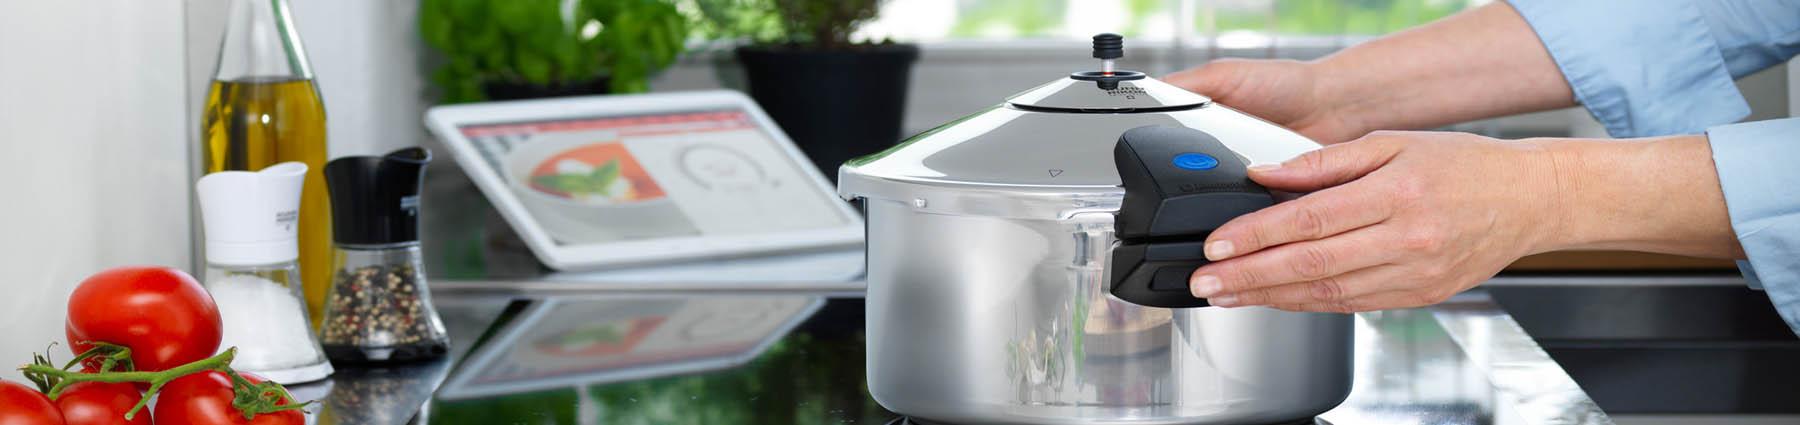 Pressure Cooker Ranges